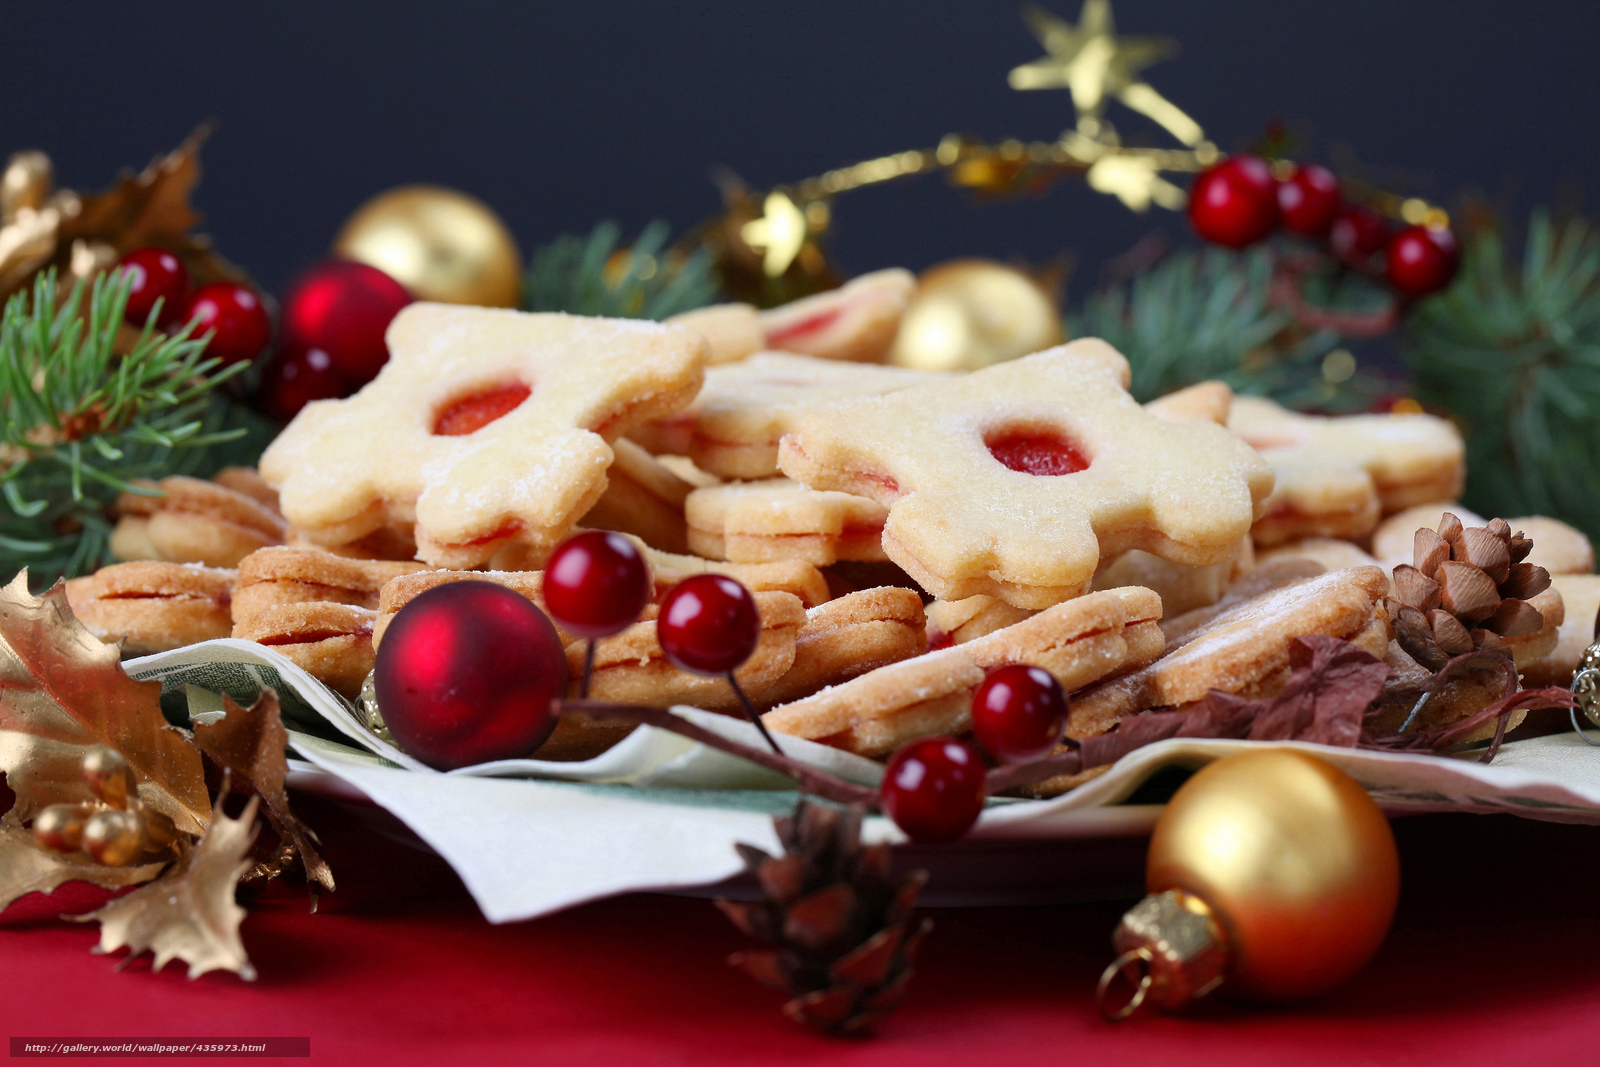 download hintergrund weihnachten neujahr kekse kuchen. Black Bedroom Furniture Sets. Home Design Ideas